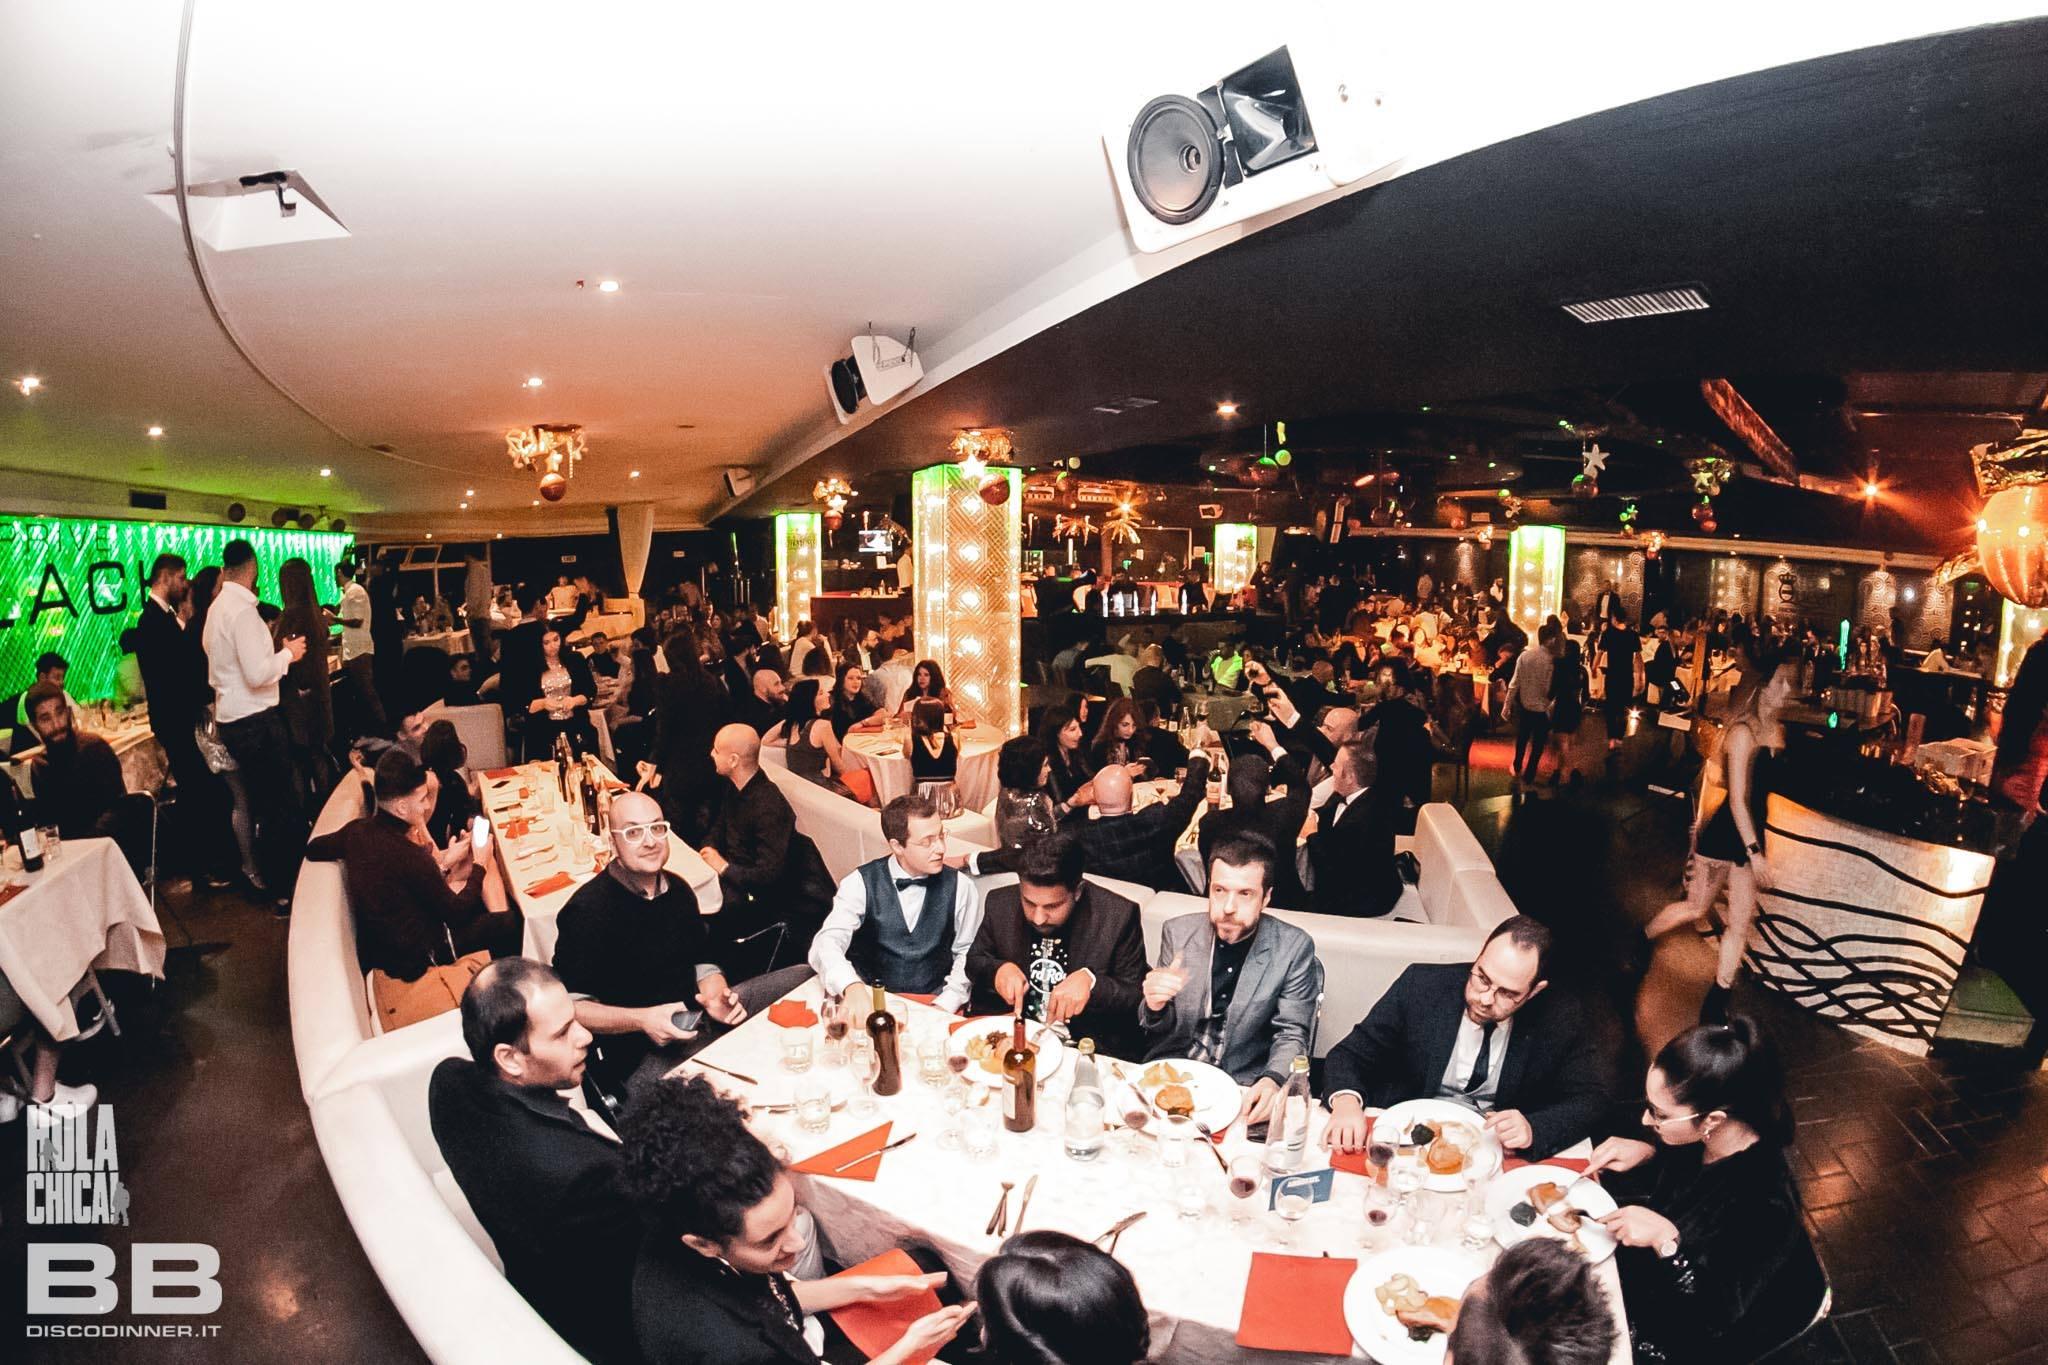 Capodanno 2022 al BB Disco Dinner